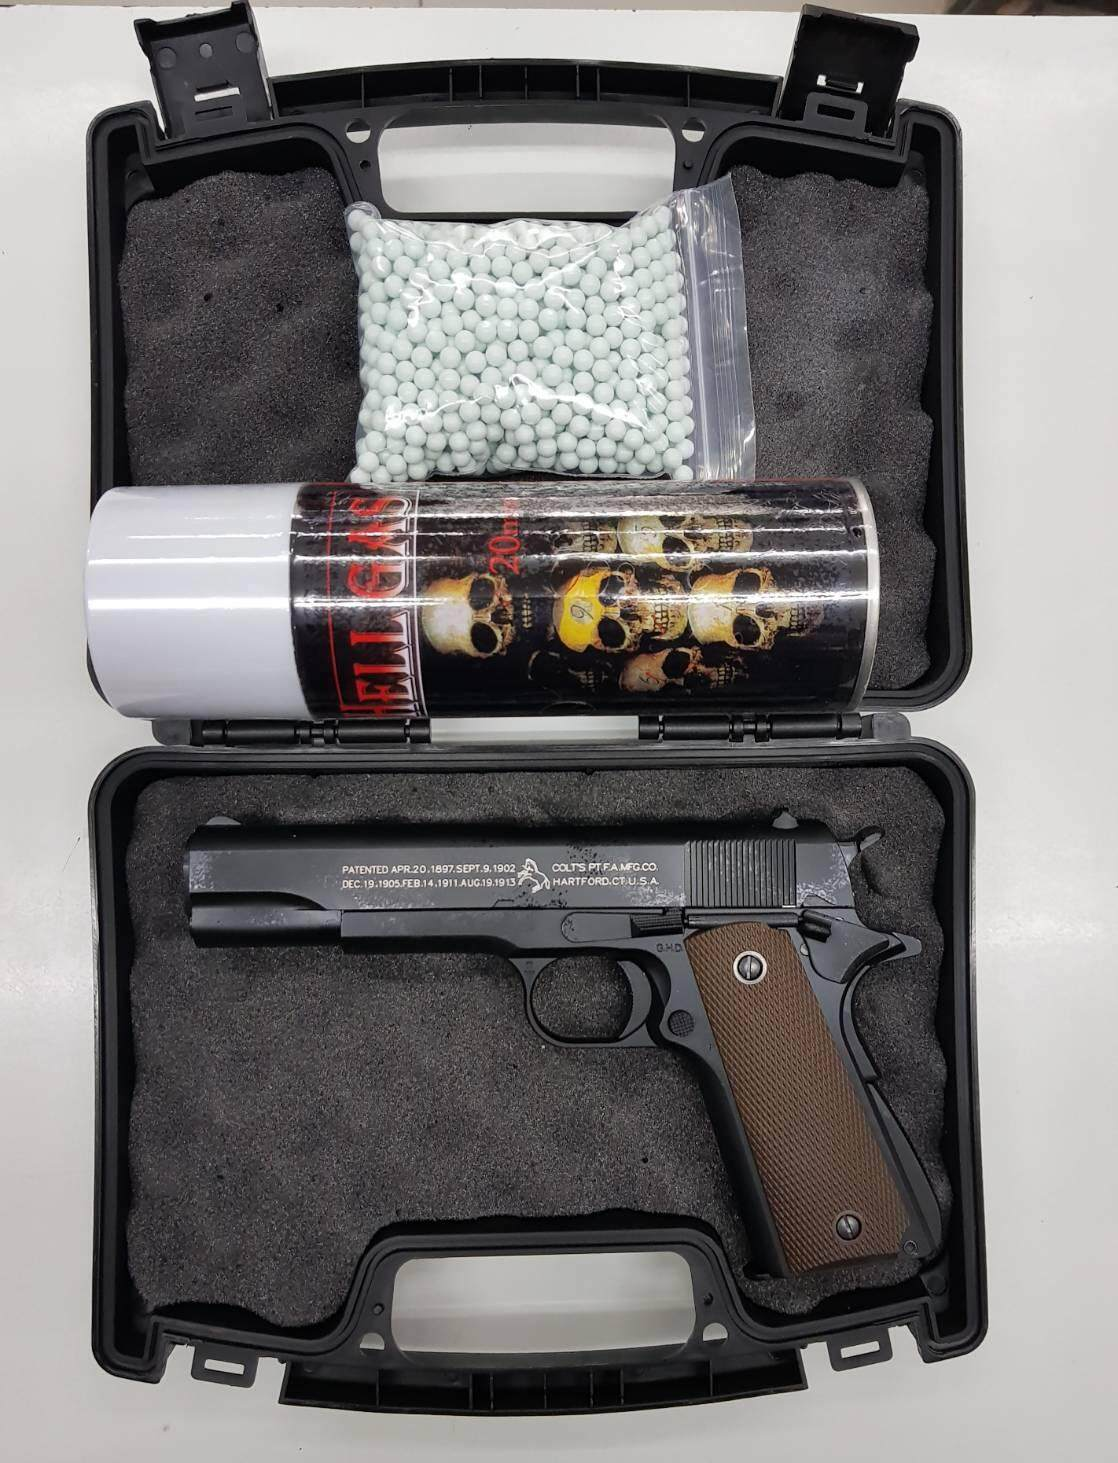 ปืนบีบีกัน M1911 G&d สีดำ พร้อมเคส แถมแก๊ส + ลูกกระสุน 1,000 นัด.